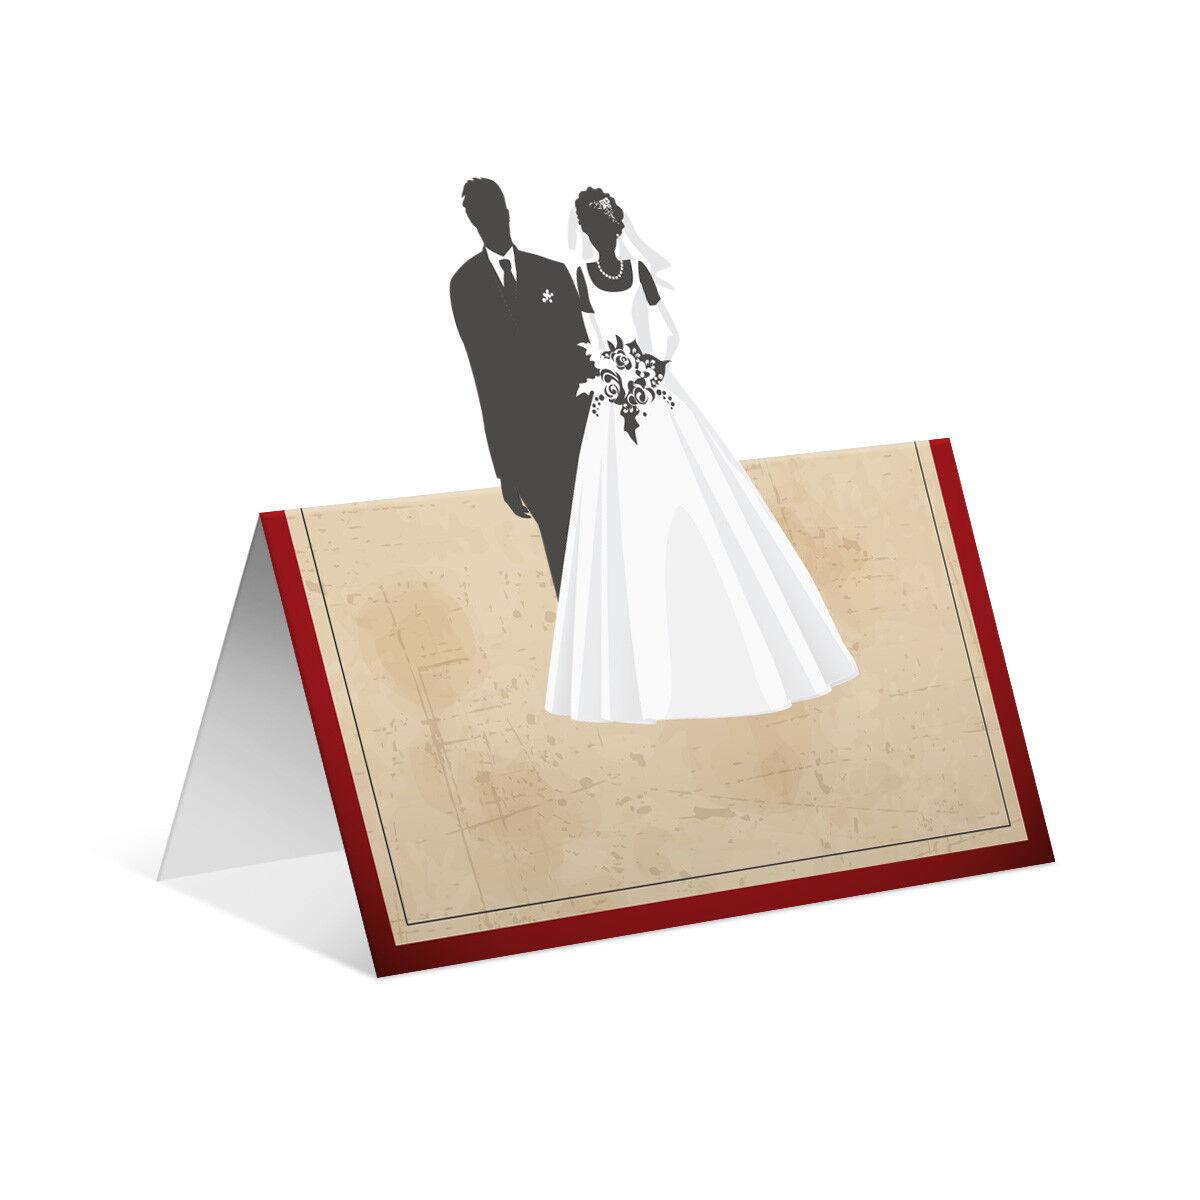 Pop Up Blanko Platzkarten Tischkarten Geburtstag Hochzeit Hochzeit Hochzeit Vintage Brautpaar Rot | Hohe Sicherheit  | Mangelware  c16f9d